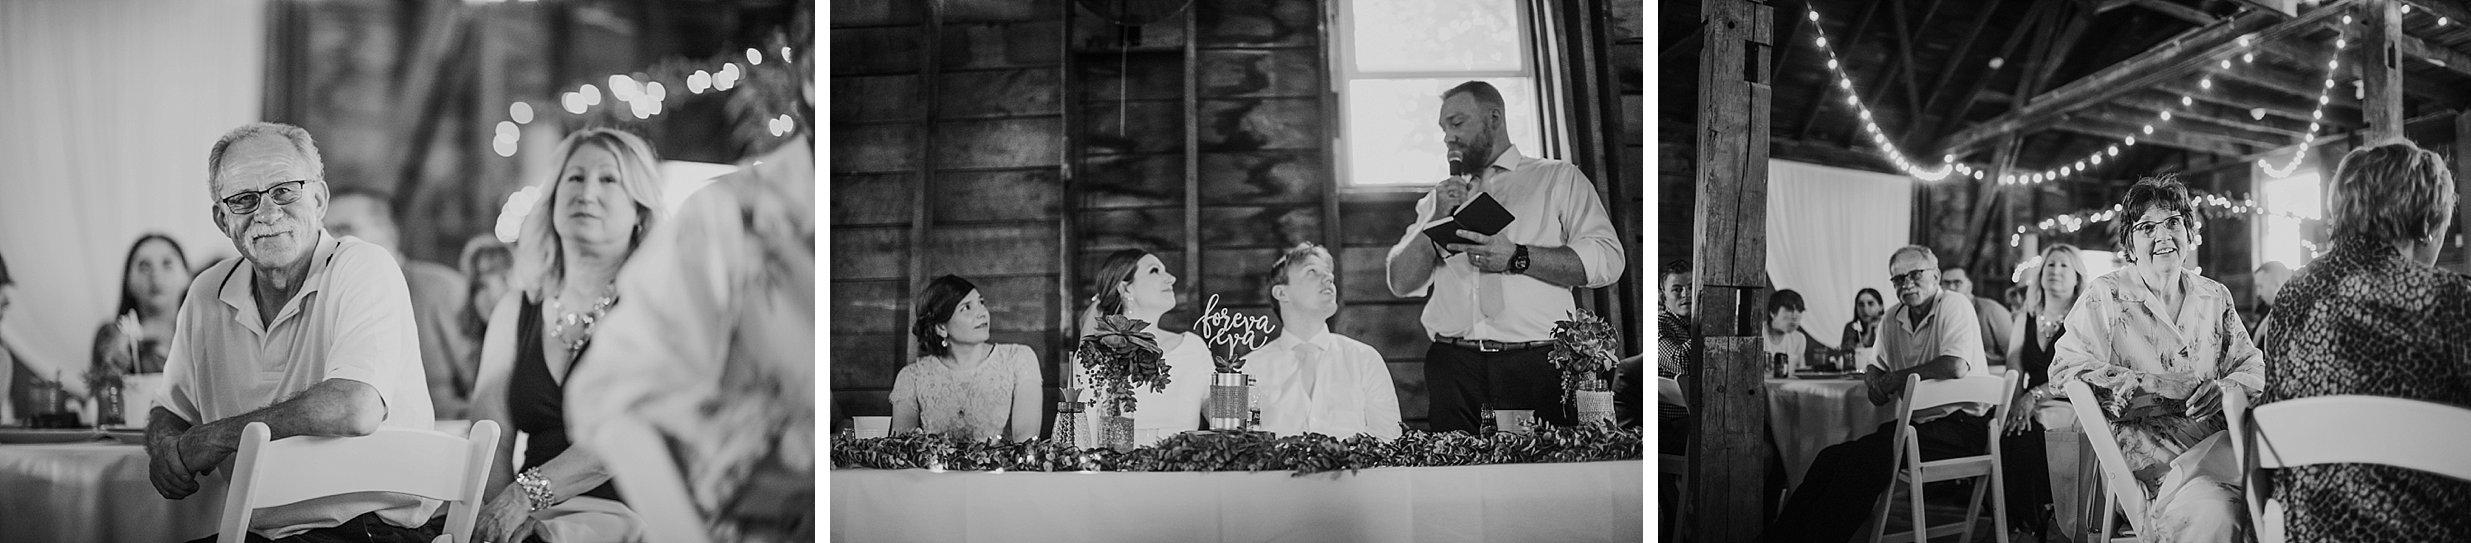 Hillcrest Farm Wedding Ohio_0037.jpg